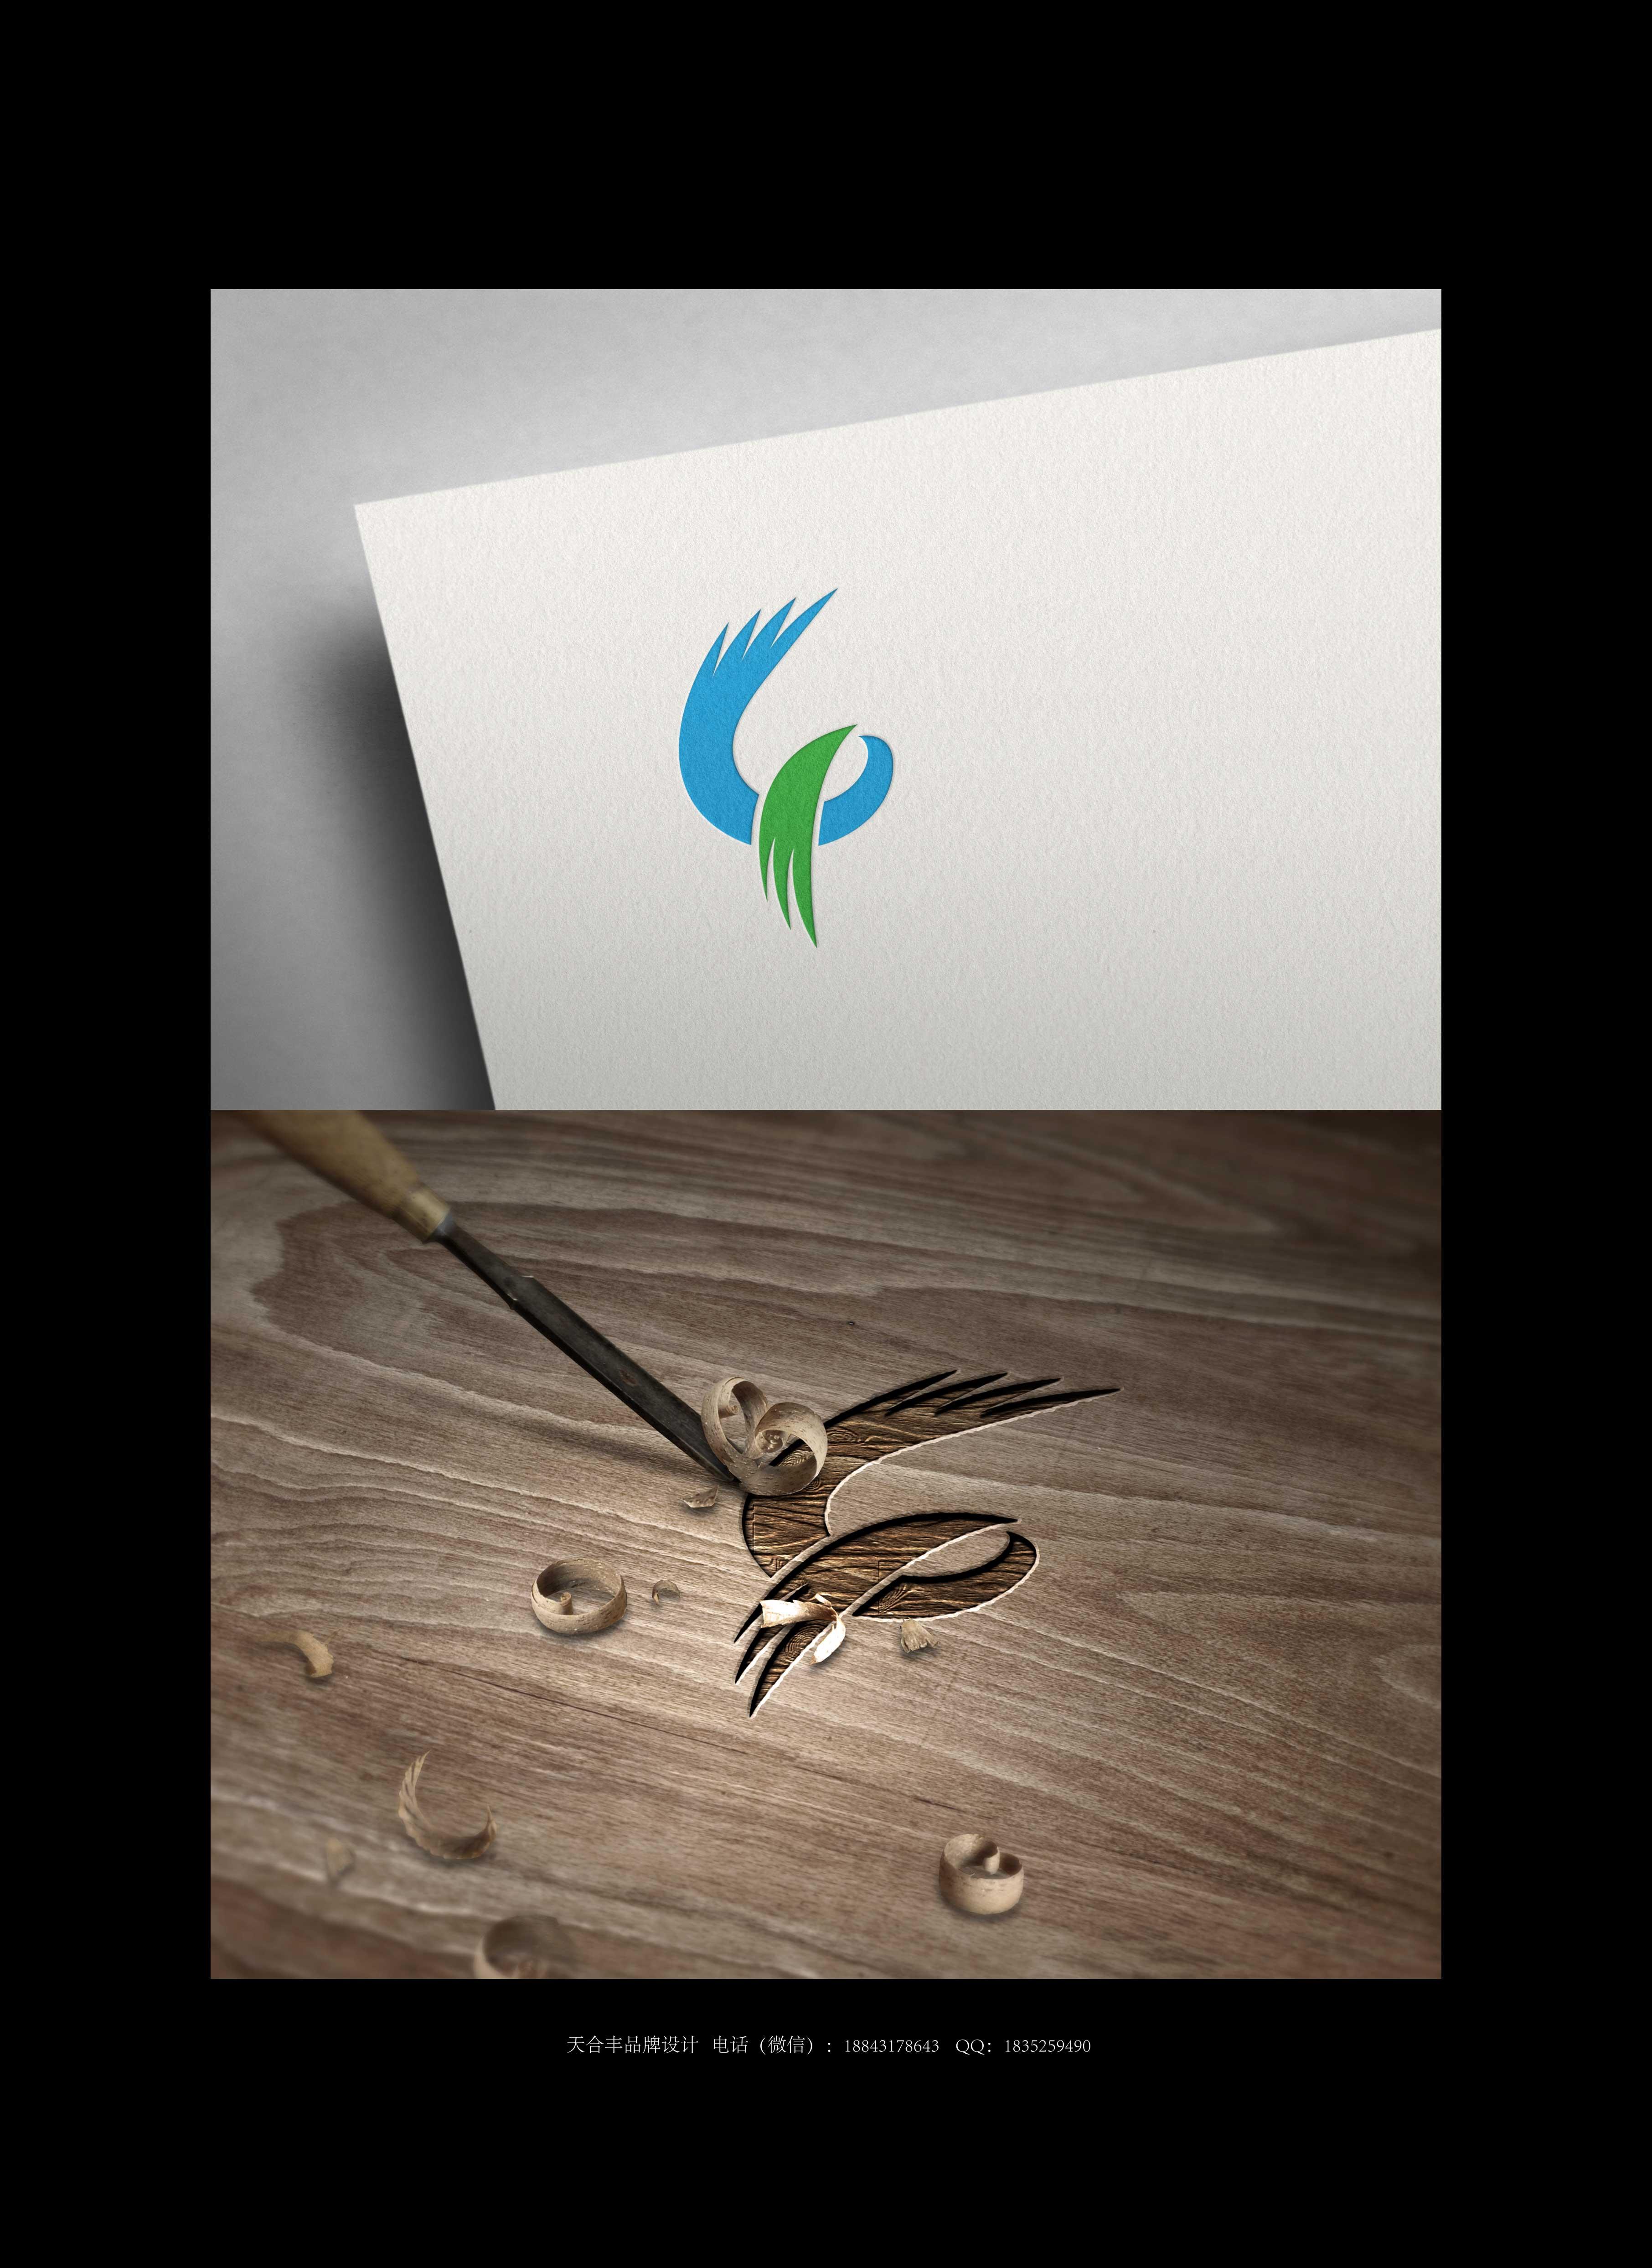 品牌logo设计_3032752_k68威客网